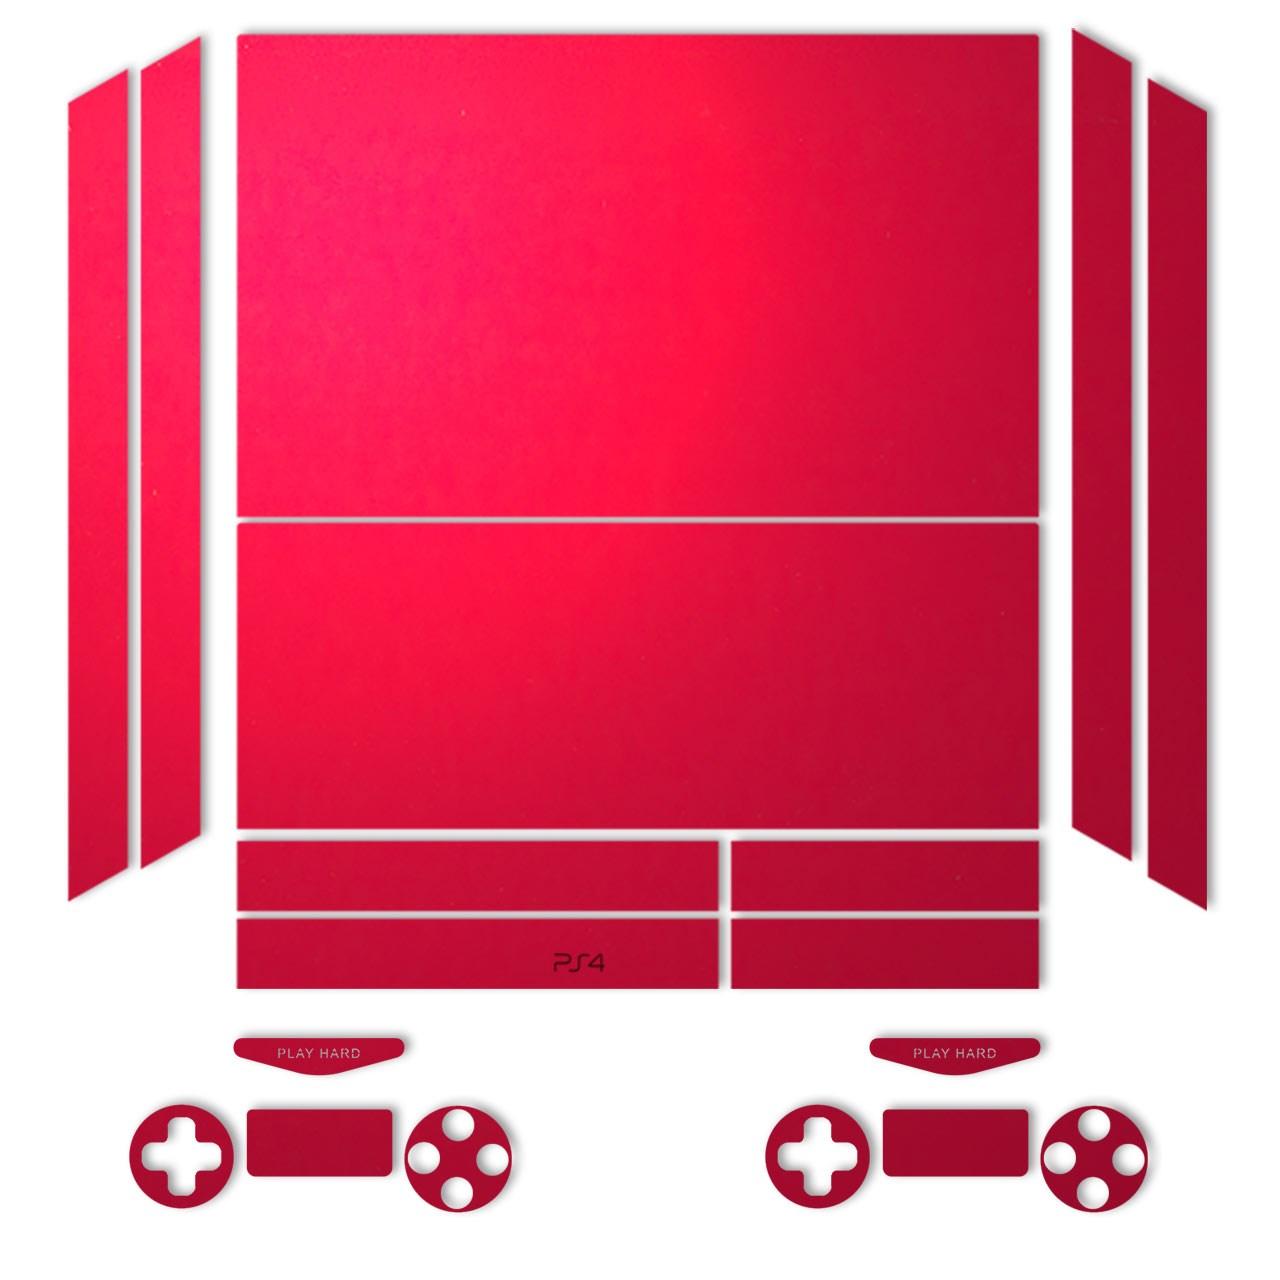 برچسب ماهوت مدل Red-Color Special مناسب برای کنسول بازی PS4